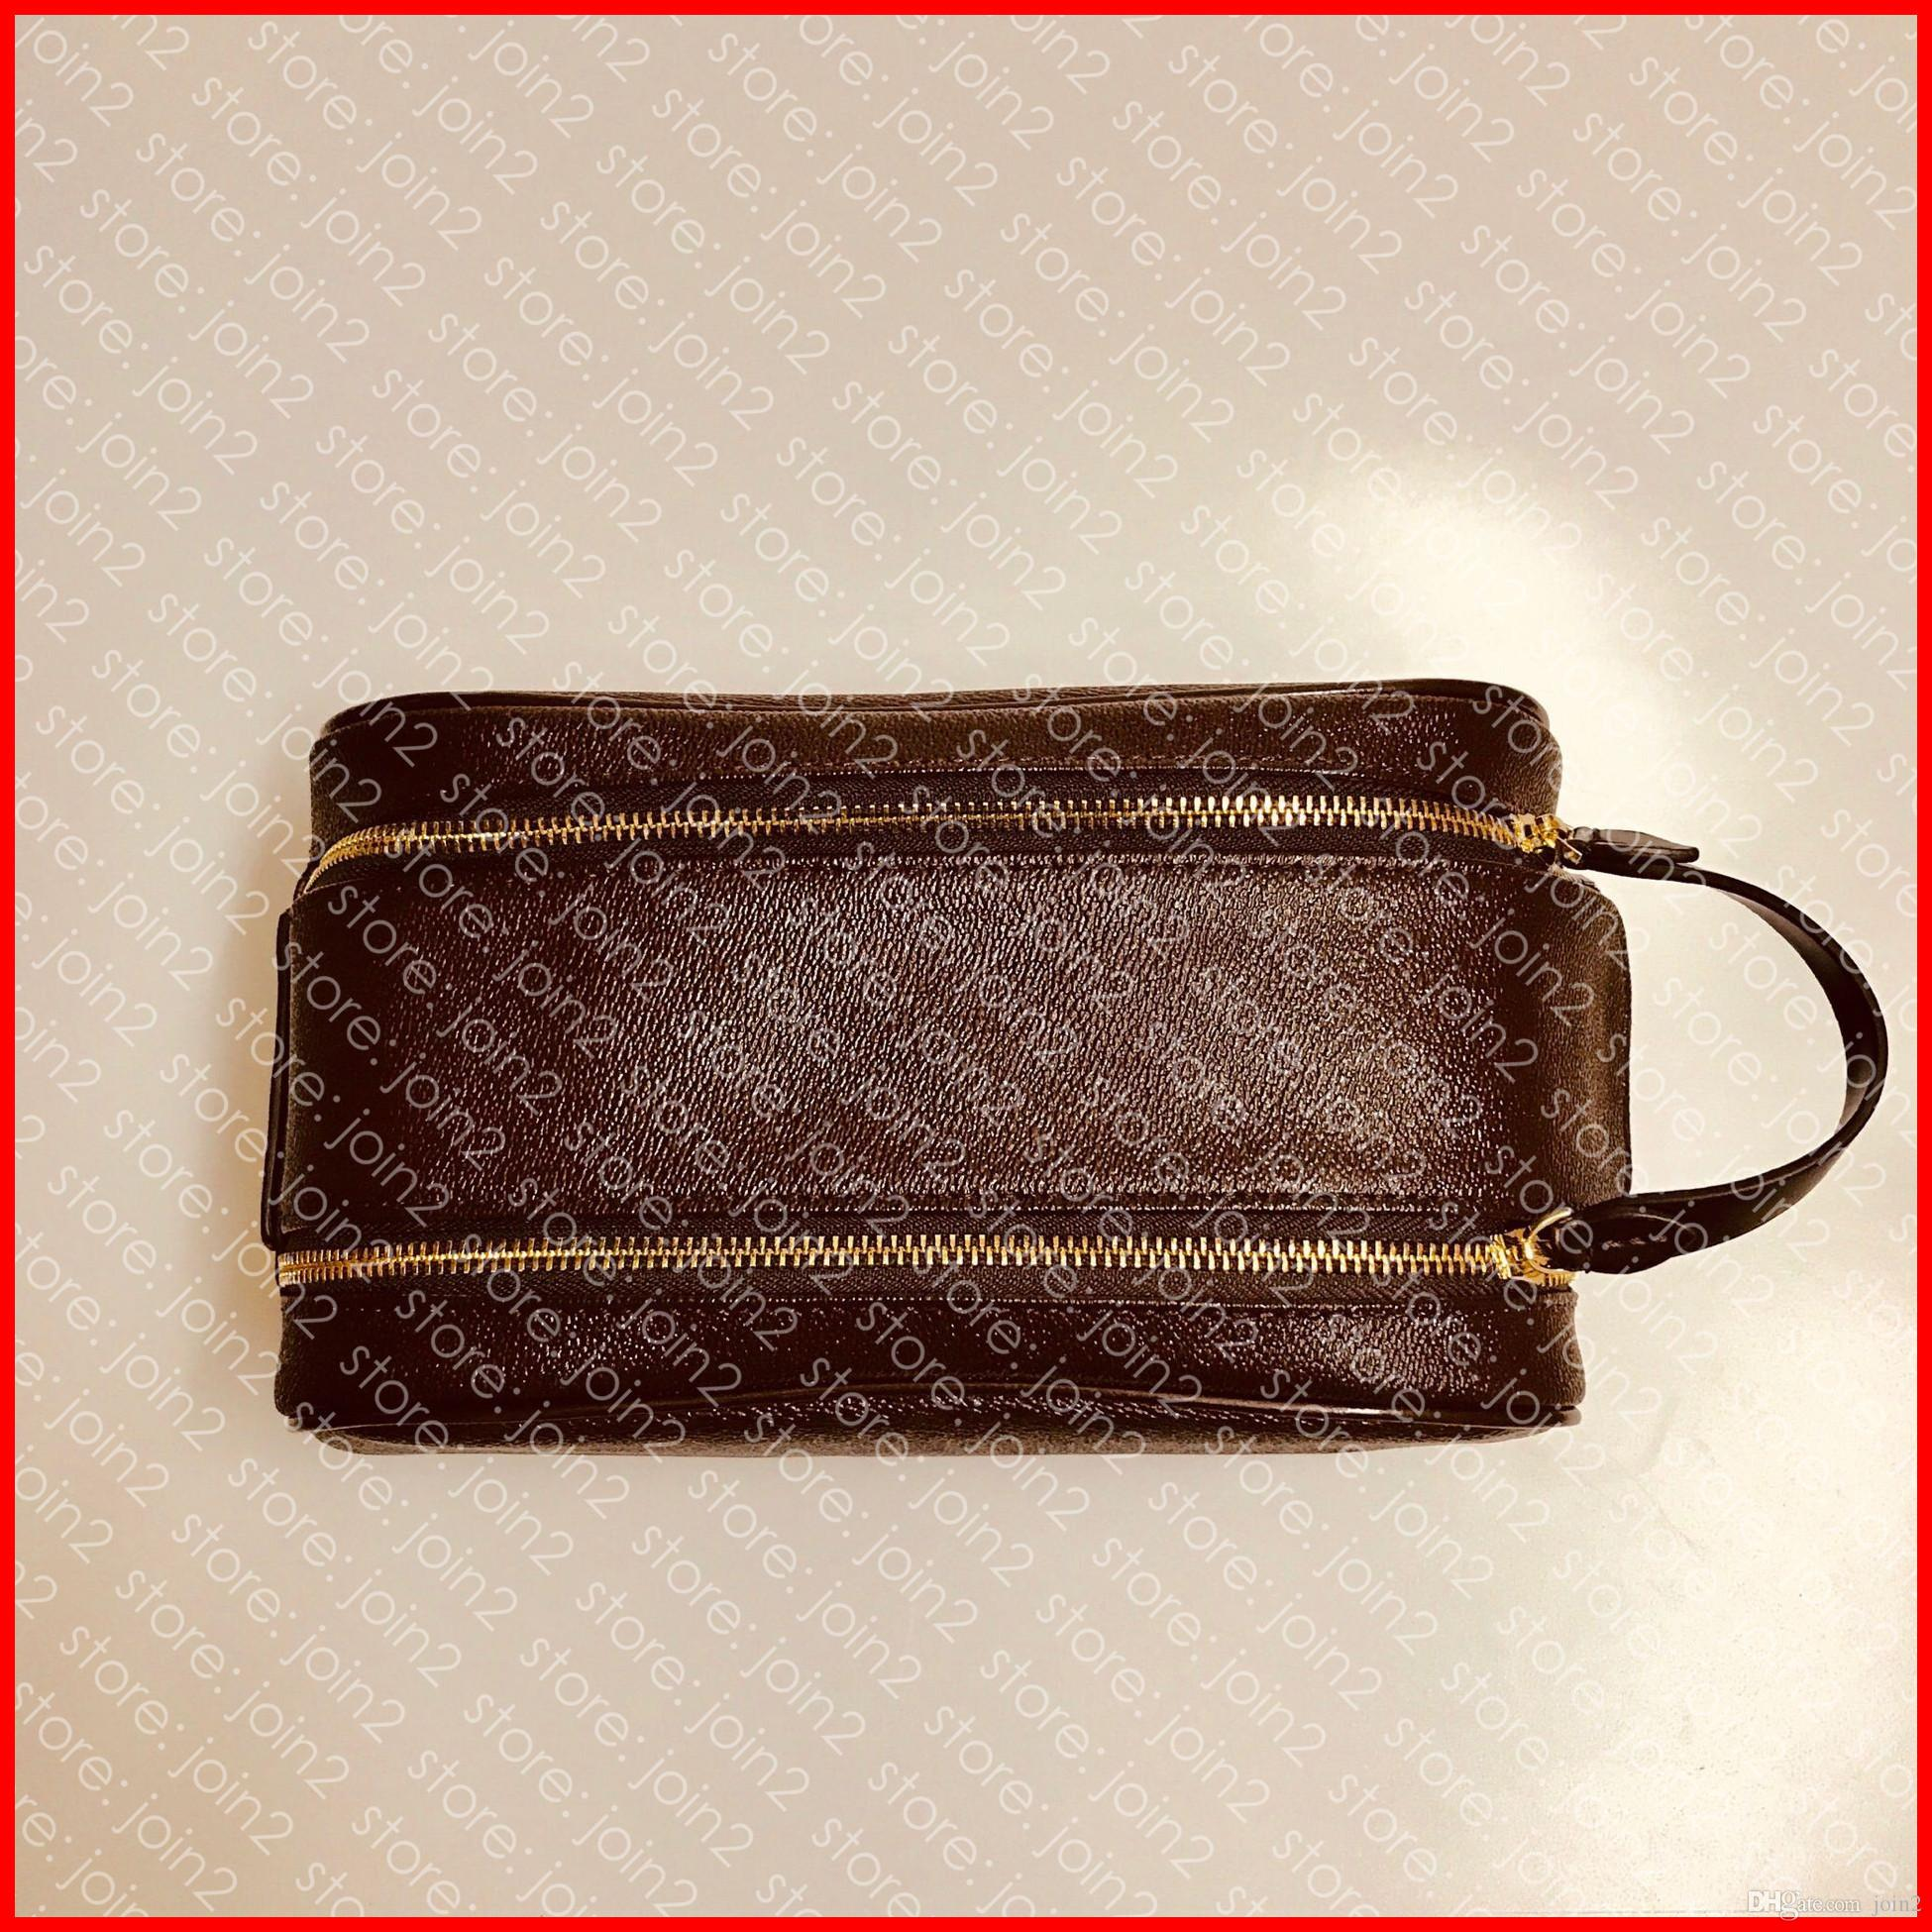 KING SIZE TOILETRY TASCHE 25 M47528 Designer Fashion Herren Damen Kosmetiktasche Kosmetiketui Pochette Accessoires Tasche Kit N47527